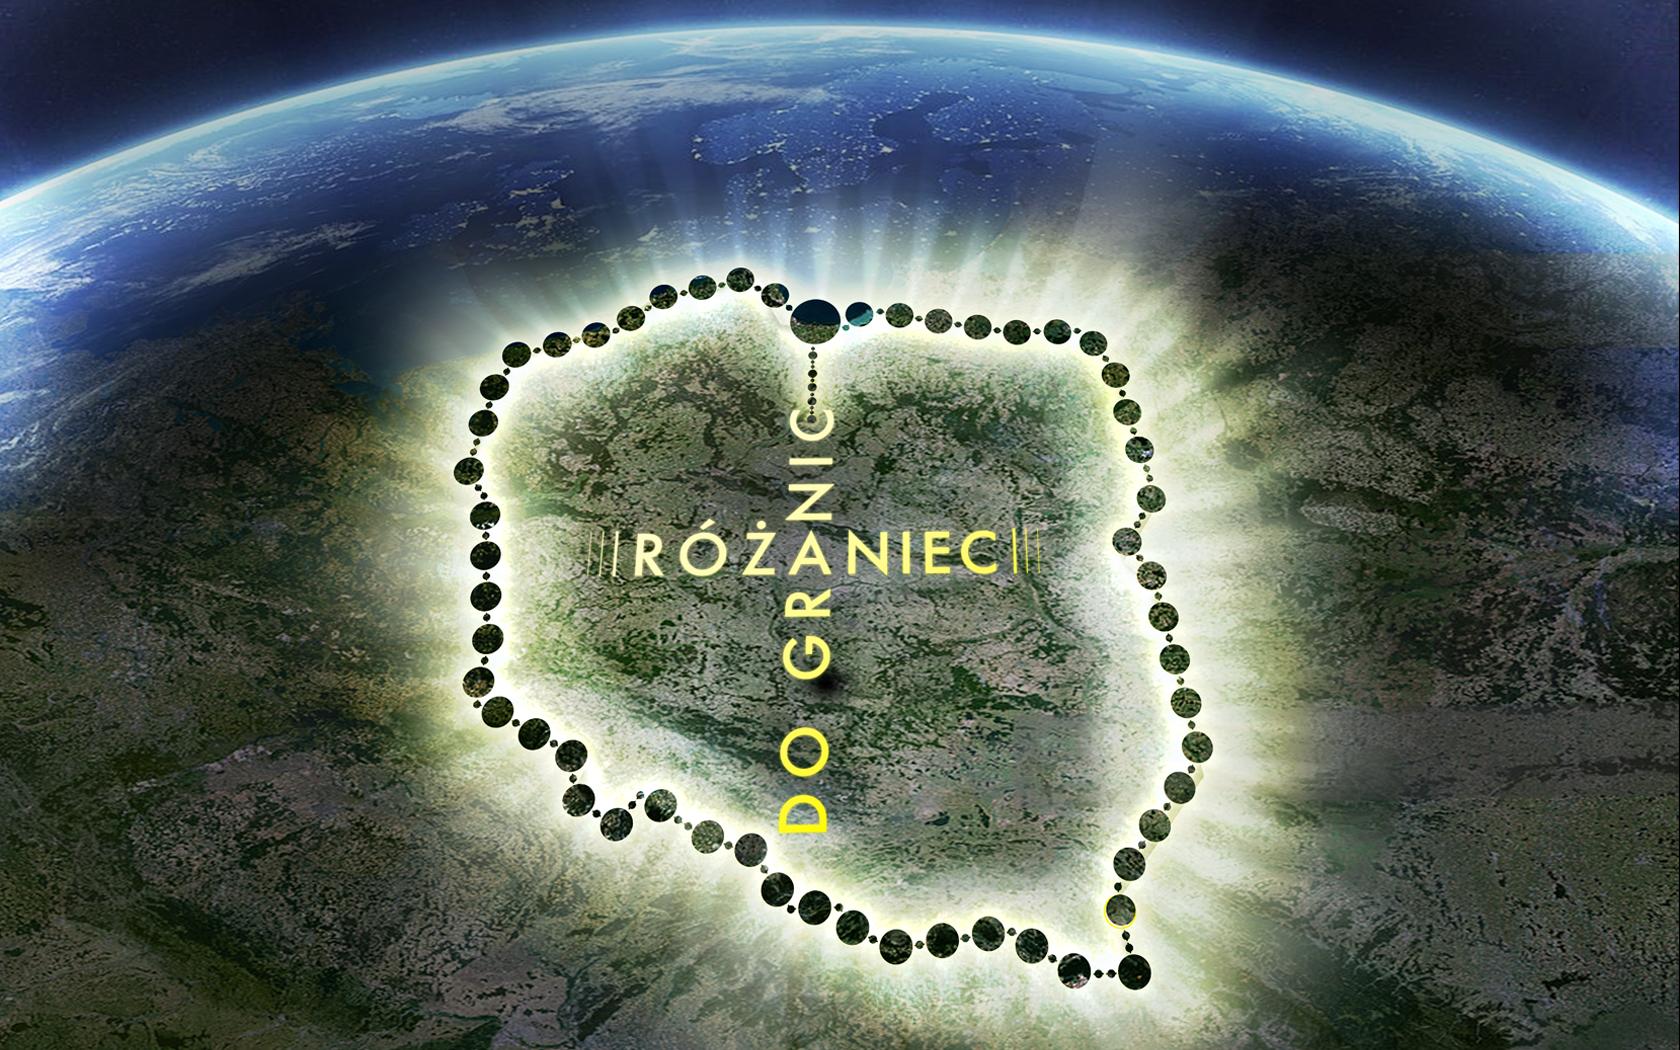 Rozpoczął się Różaniec do Granic. Modlitwa za Polskę i świat